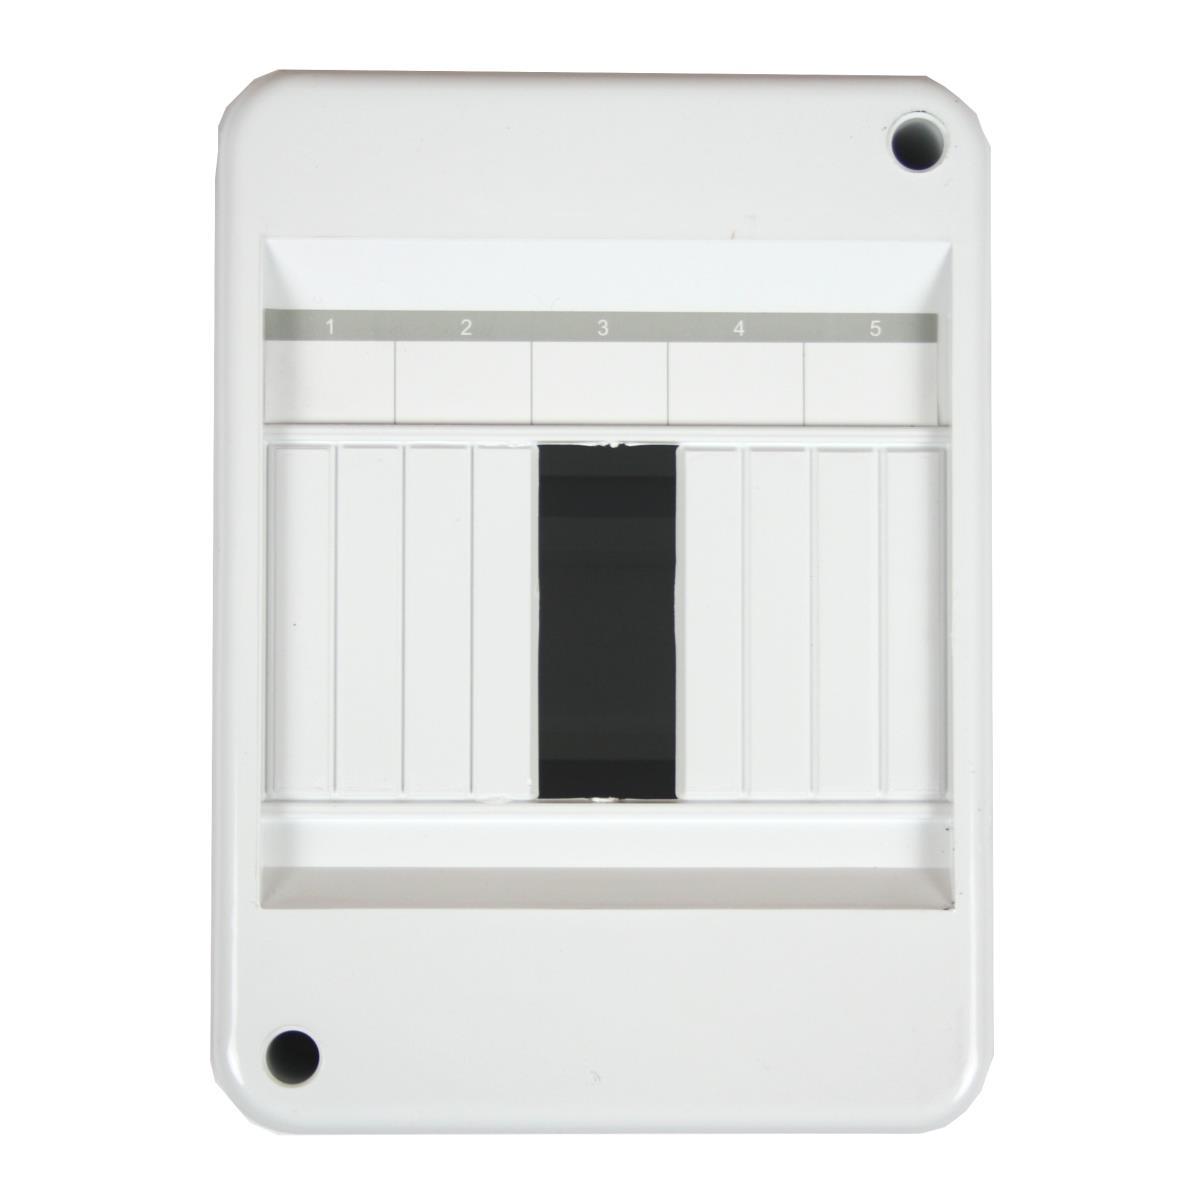 Sicherungskasten Verteilerkasten Aufputzverteiler 5 Module 1-reihig IP30,Elektro-Plast,RNO-5s, 5903978376052